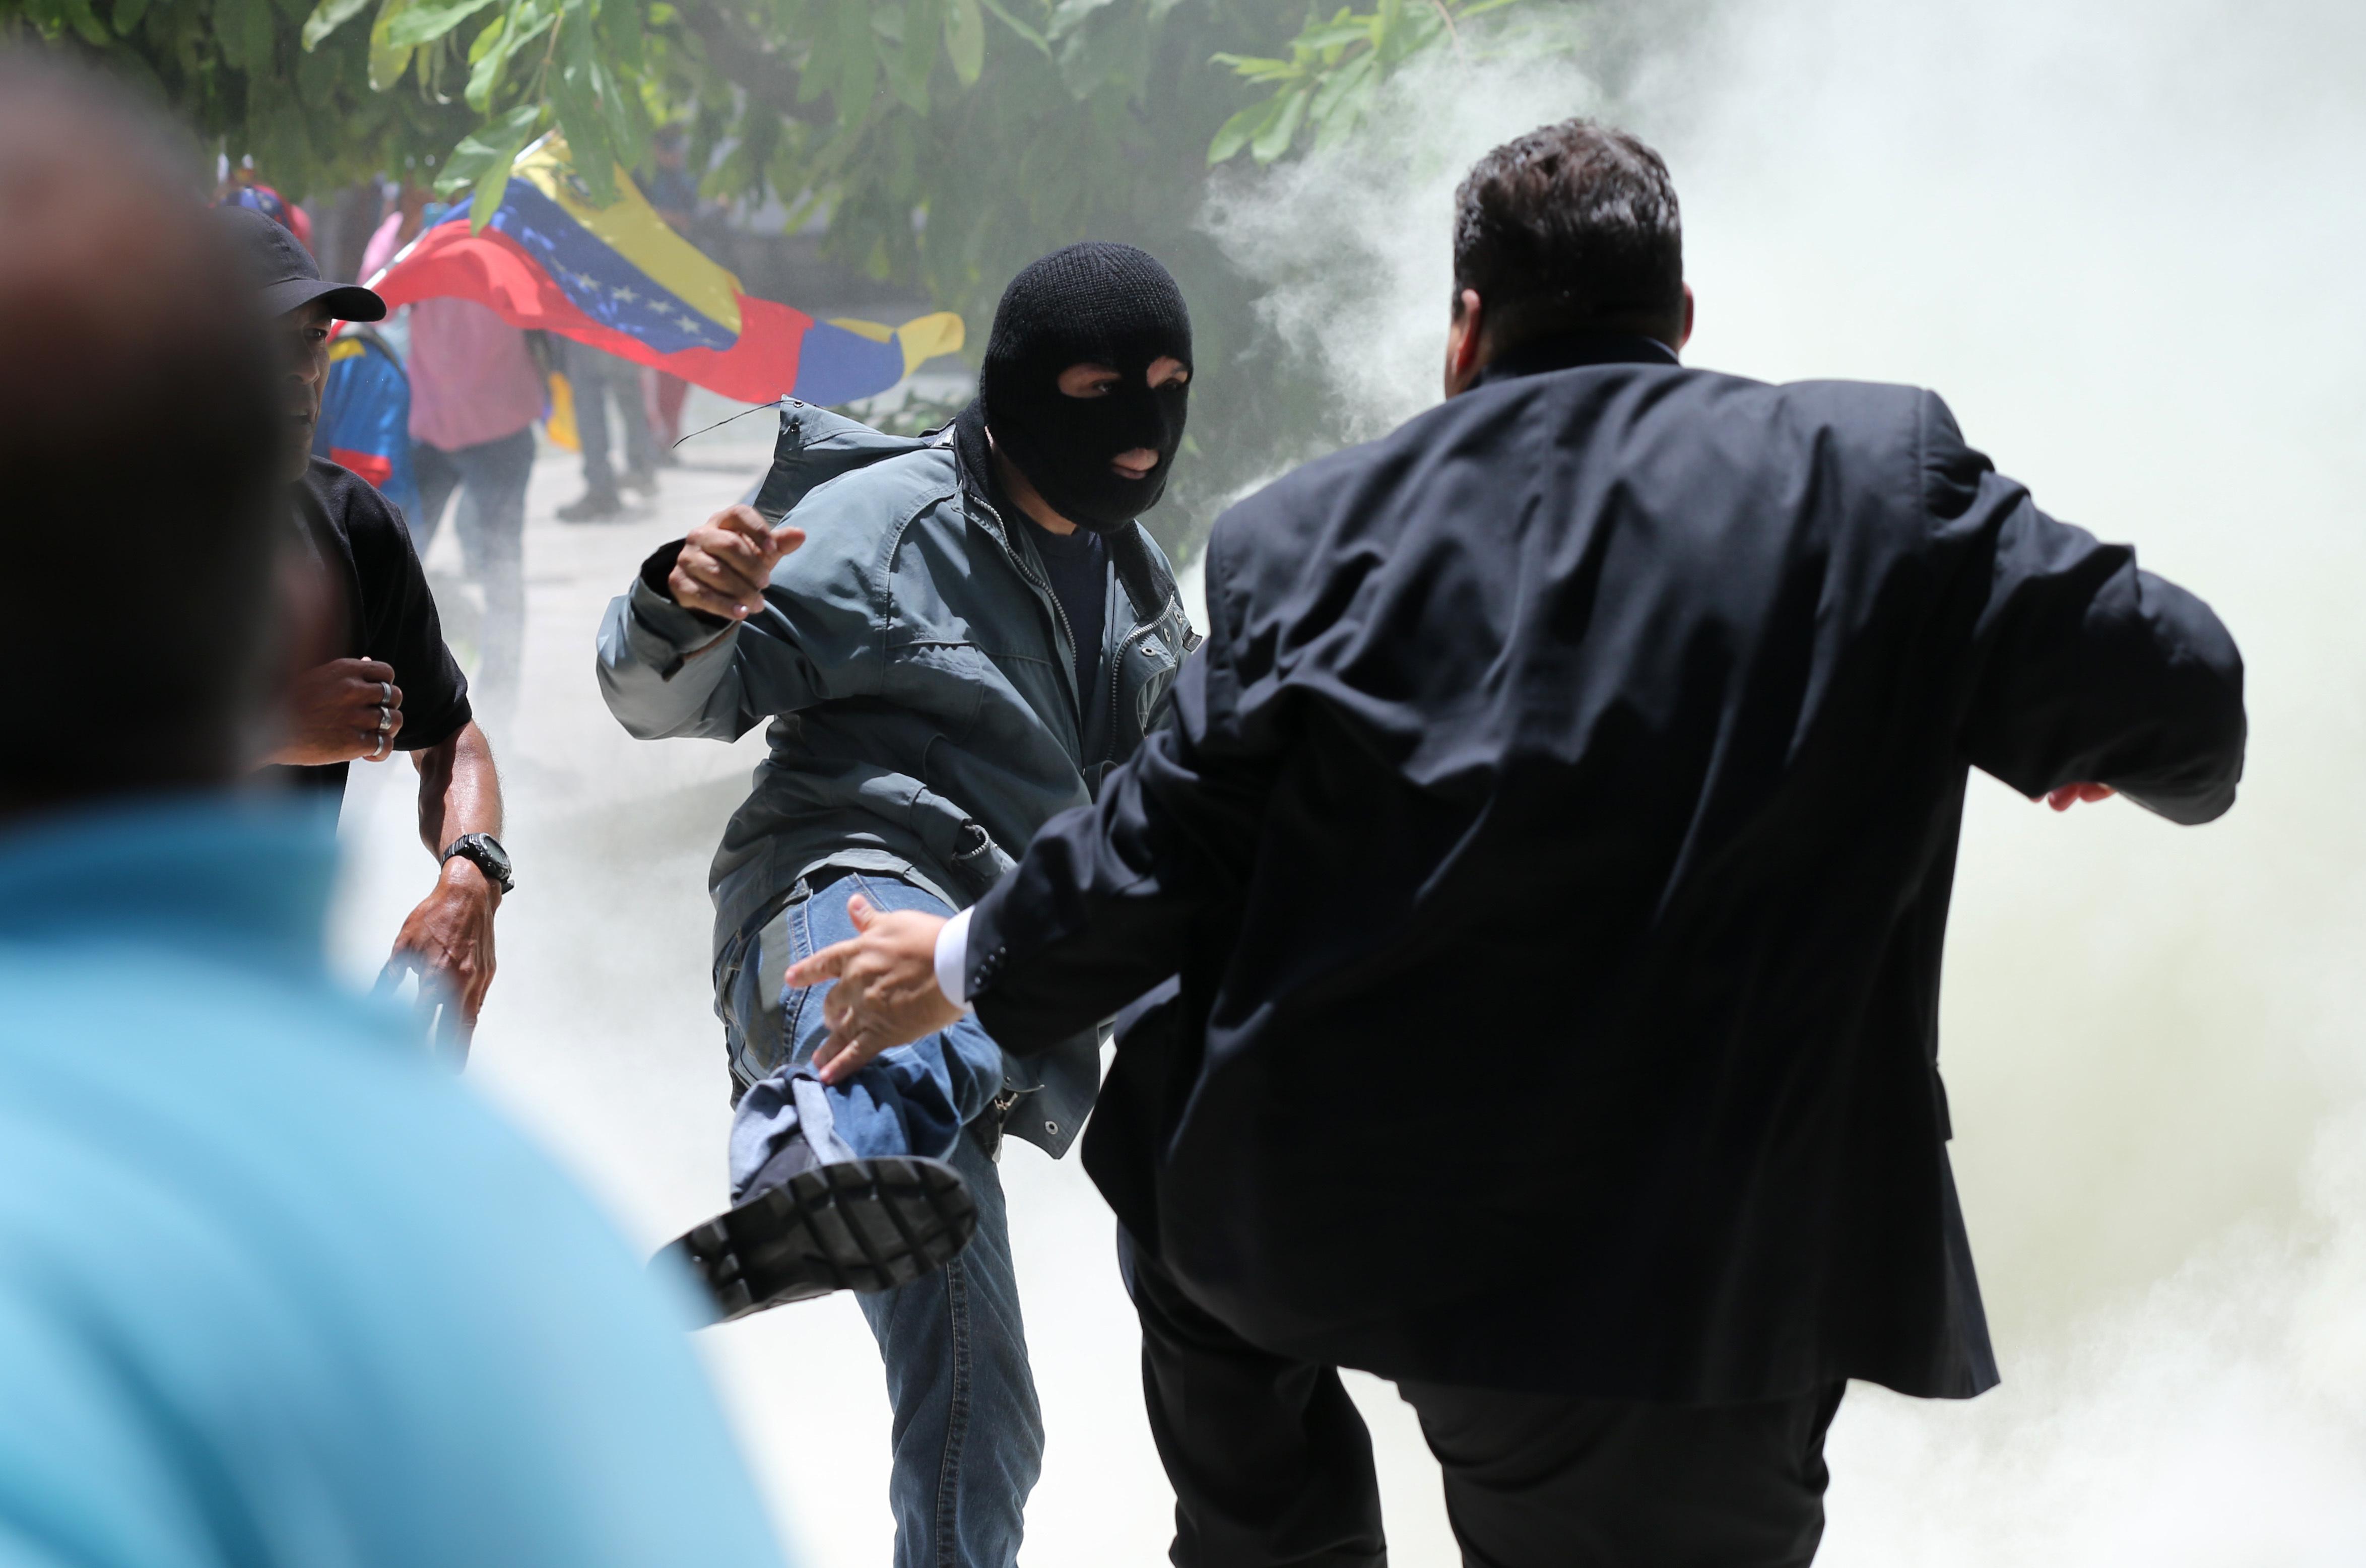 venezoyela-traymaties-apo-eisvoli-ypostirikton-toy-madoyro-sto-koinovoylio0